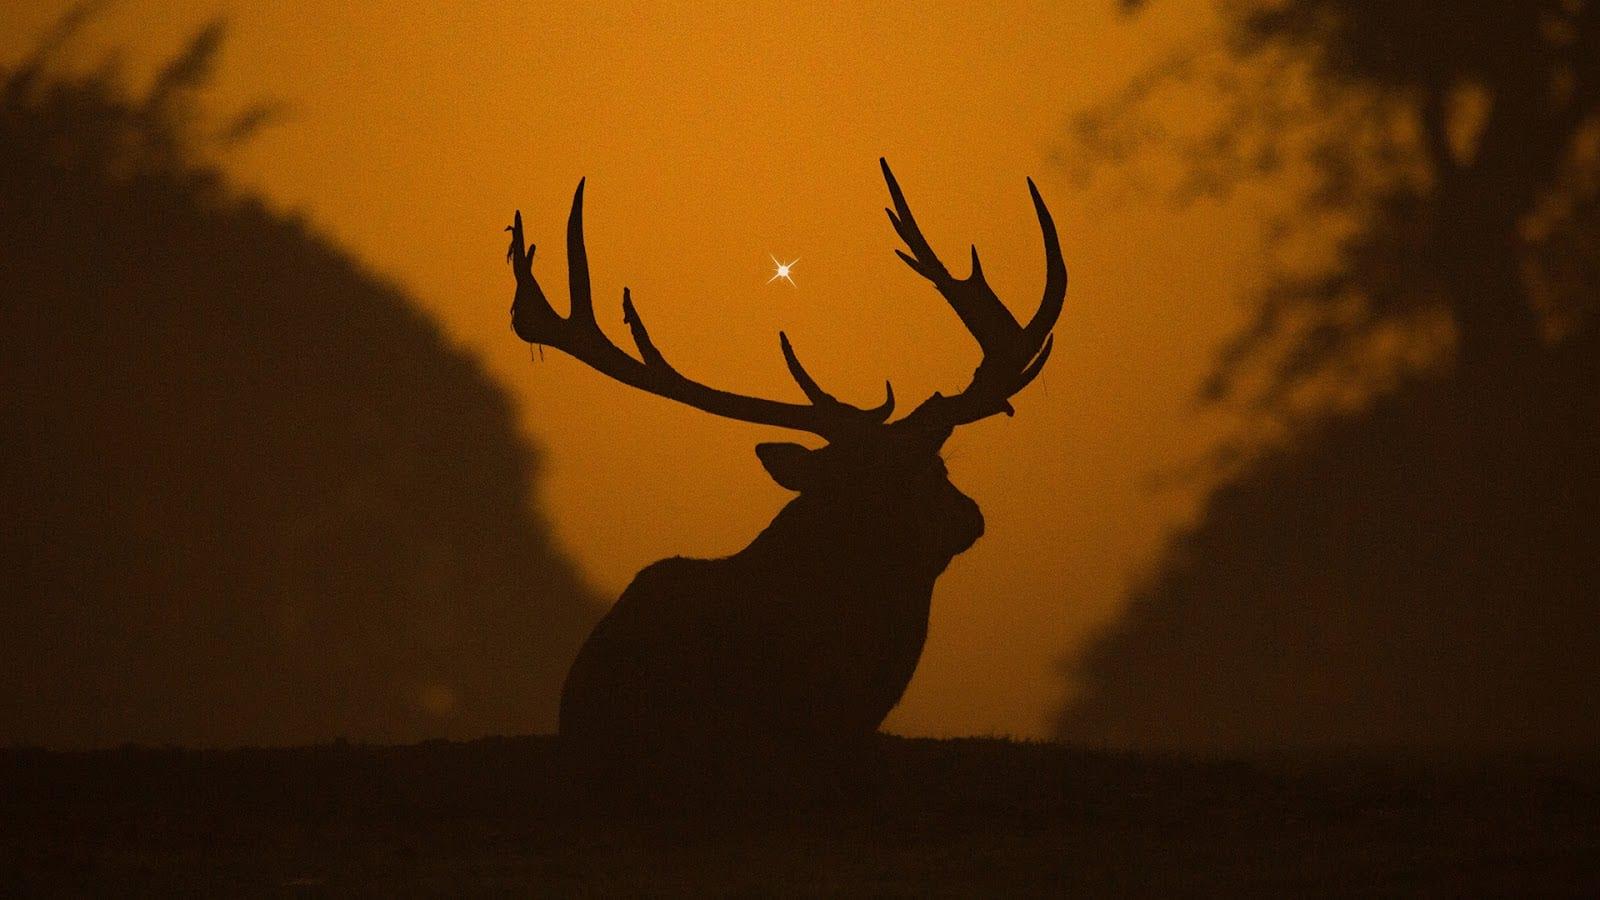 deer star 2 - Ach, tie obaly - Deer Star